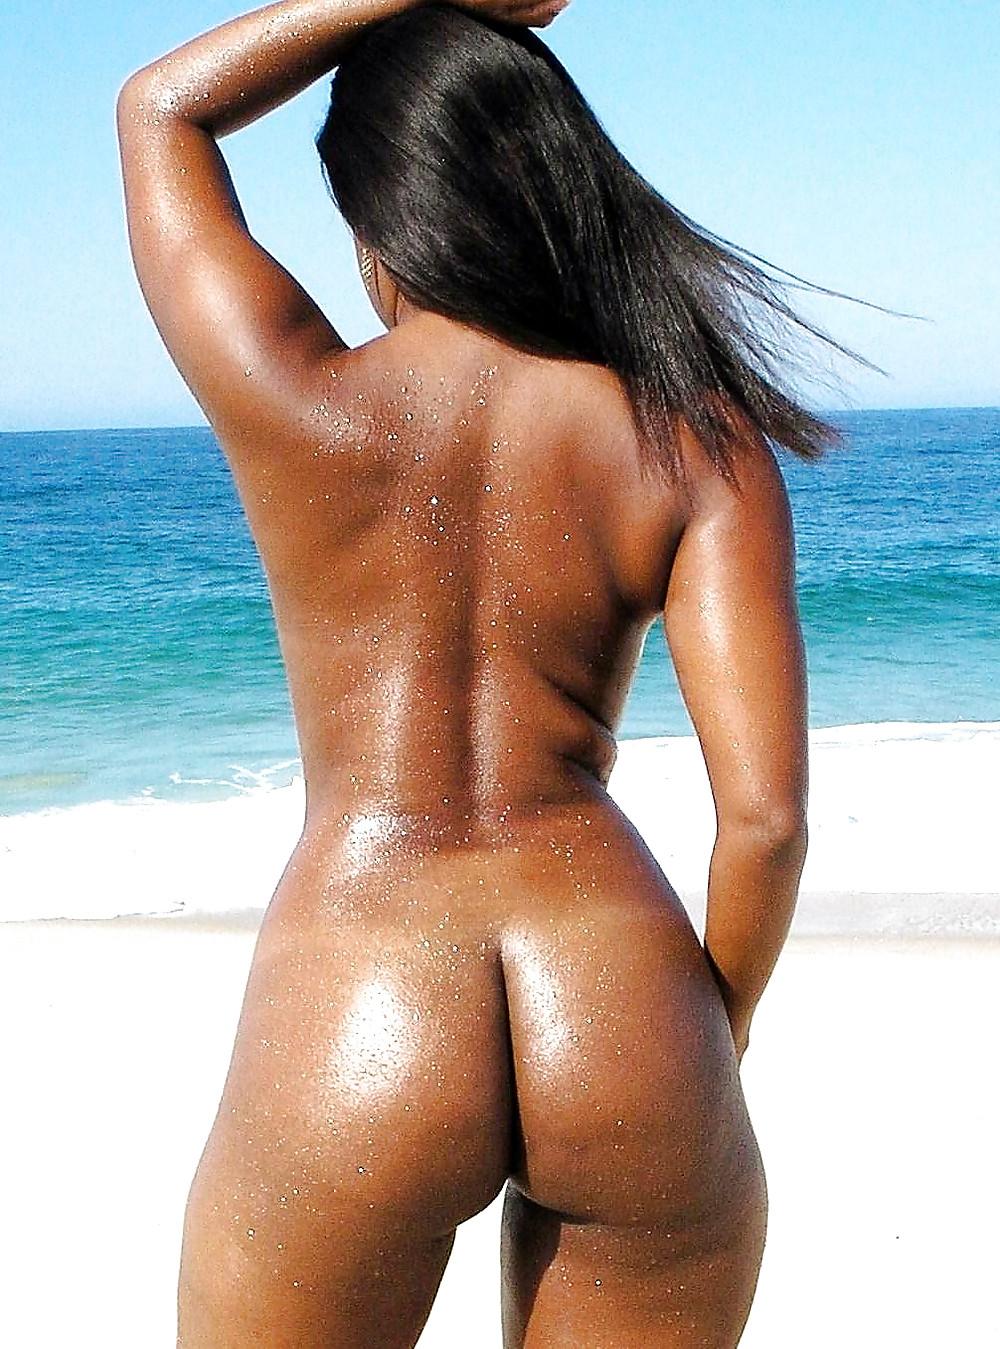 Bodybuilder female free naked